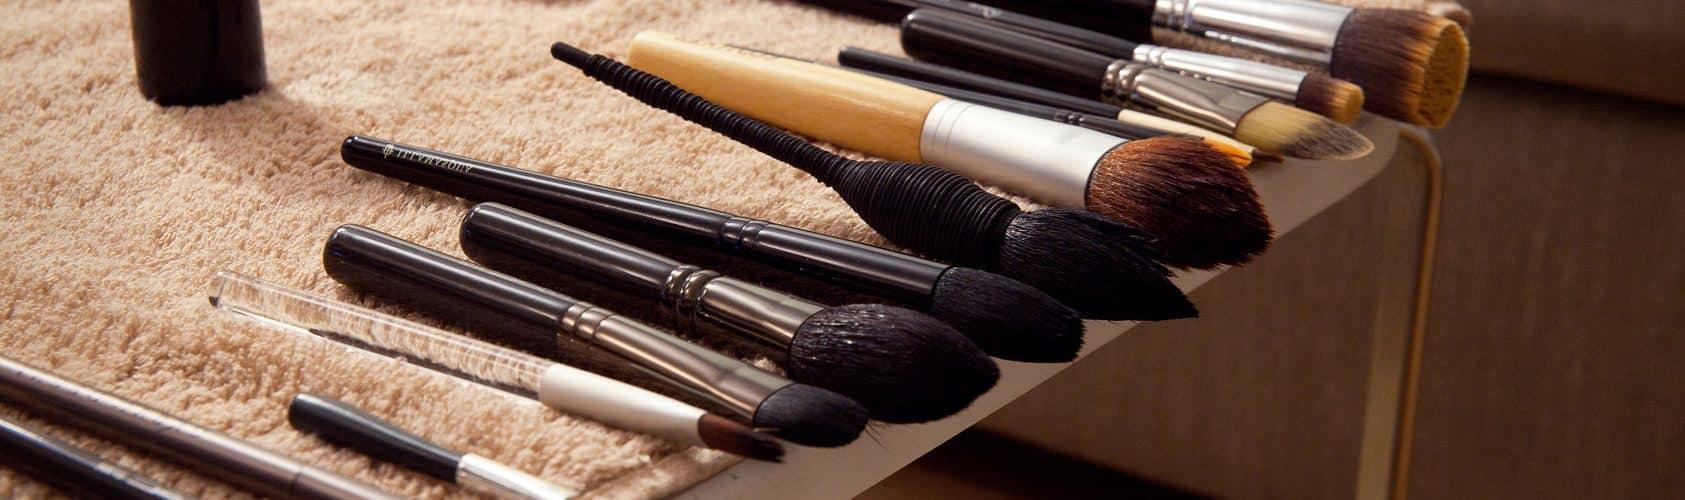 Как мыть кисти для макияжа в домашних условиях: чем мыть, как часто, как сушить, как хранить